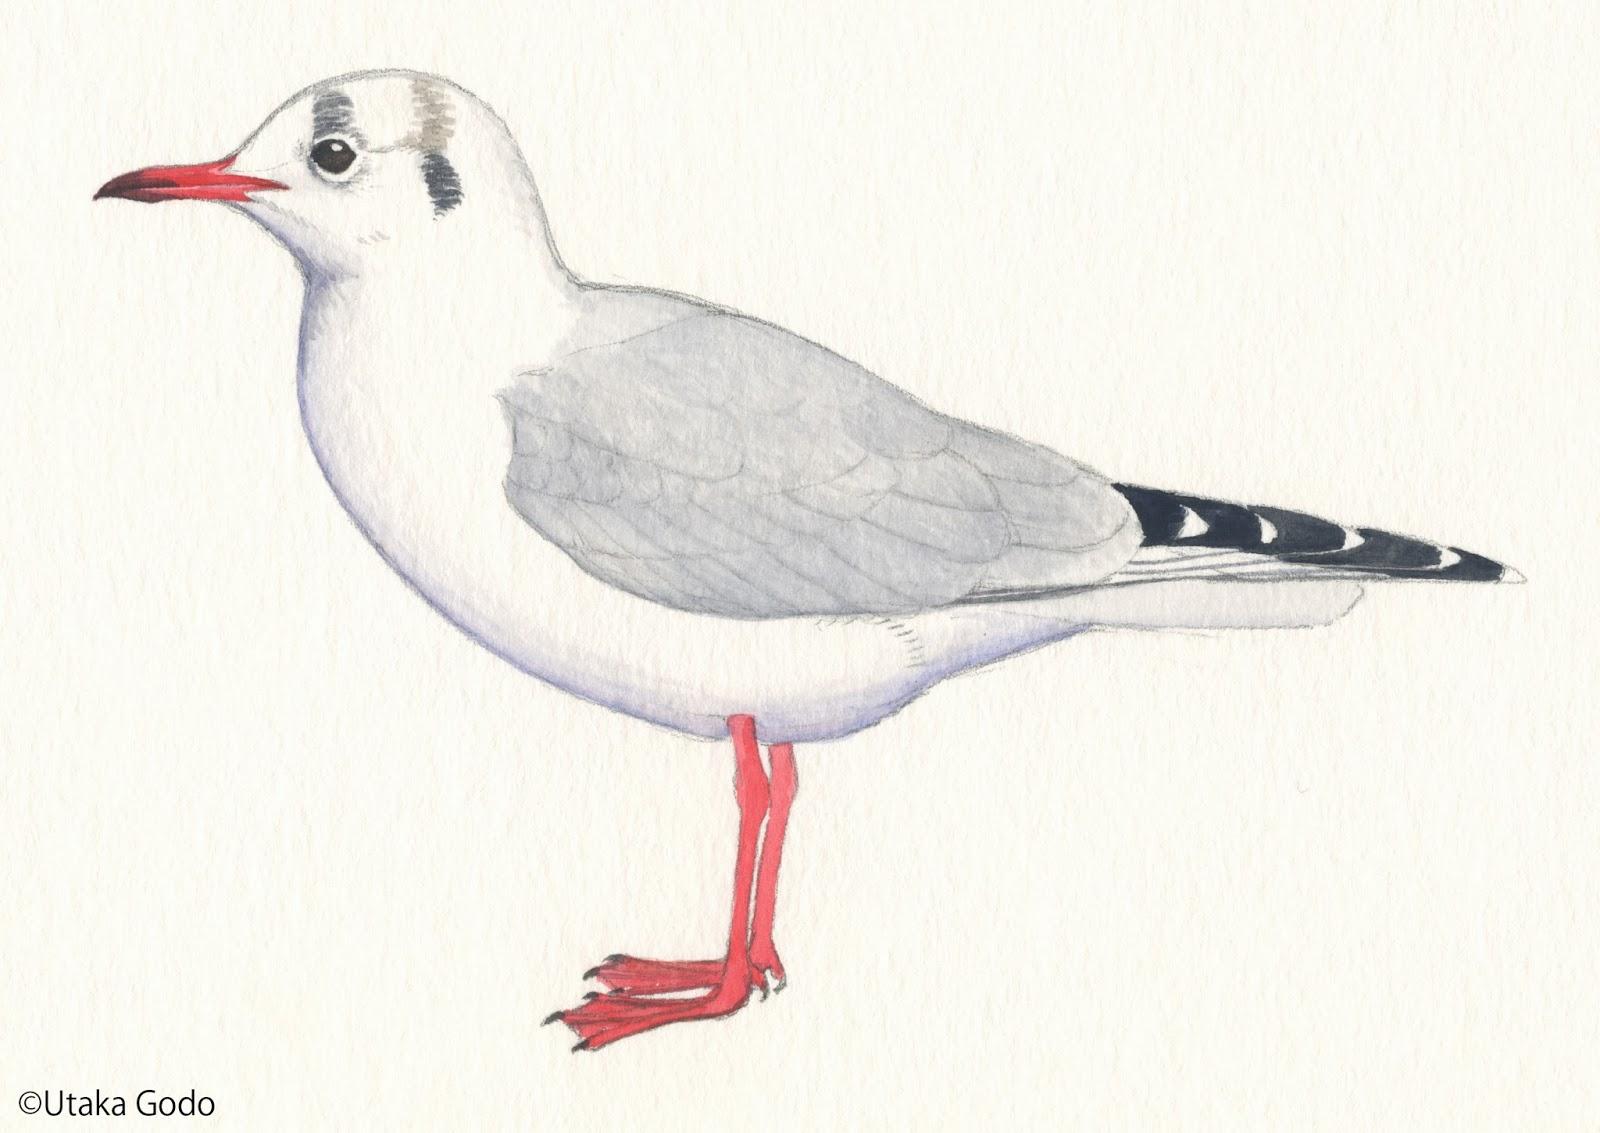 第19回 フワフワ羽ばたき、スイスイ飛ぶ 白衣の天使ユリカモメを探して